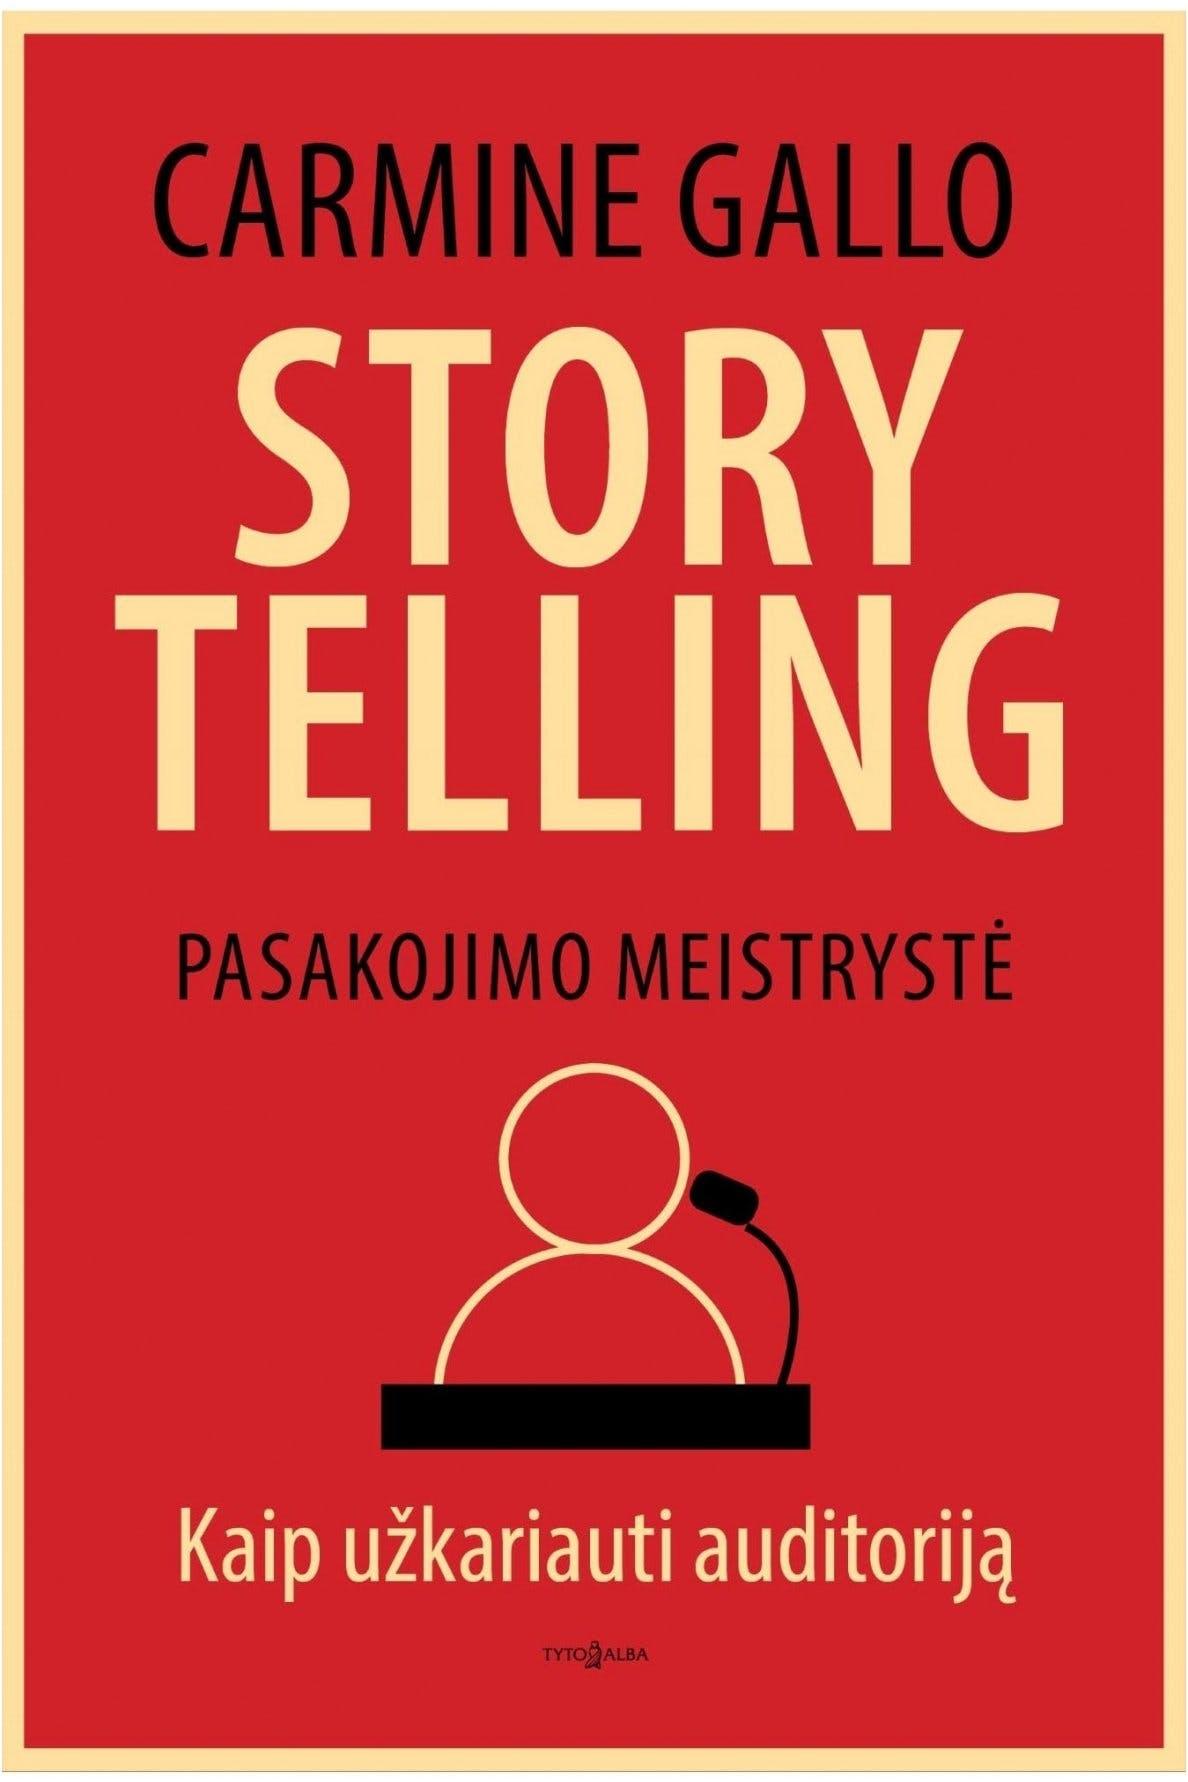 """Storytelling. Pasakojimo meistrystė: """"Washington Post"""" bestseleris, skirtas norintiems pavergti ir sužavėti auditoriją, nes nieko nėra galingesnio už talentingai papasakotą gerą istoriją"""